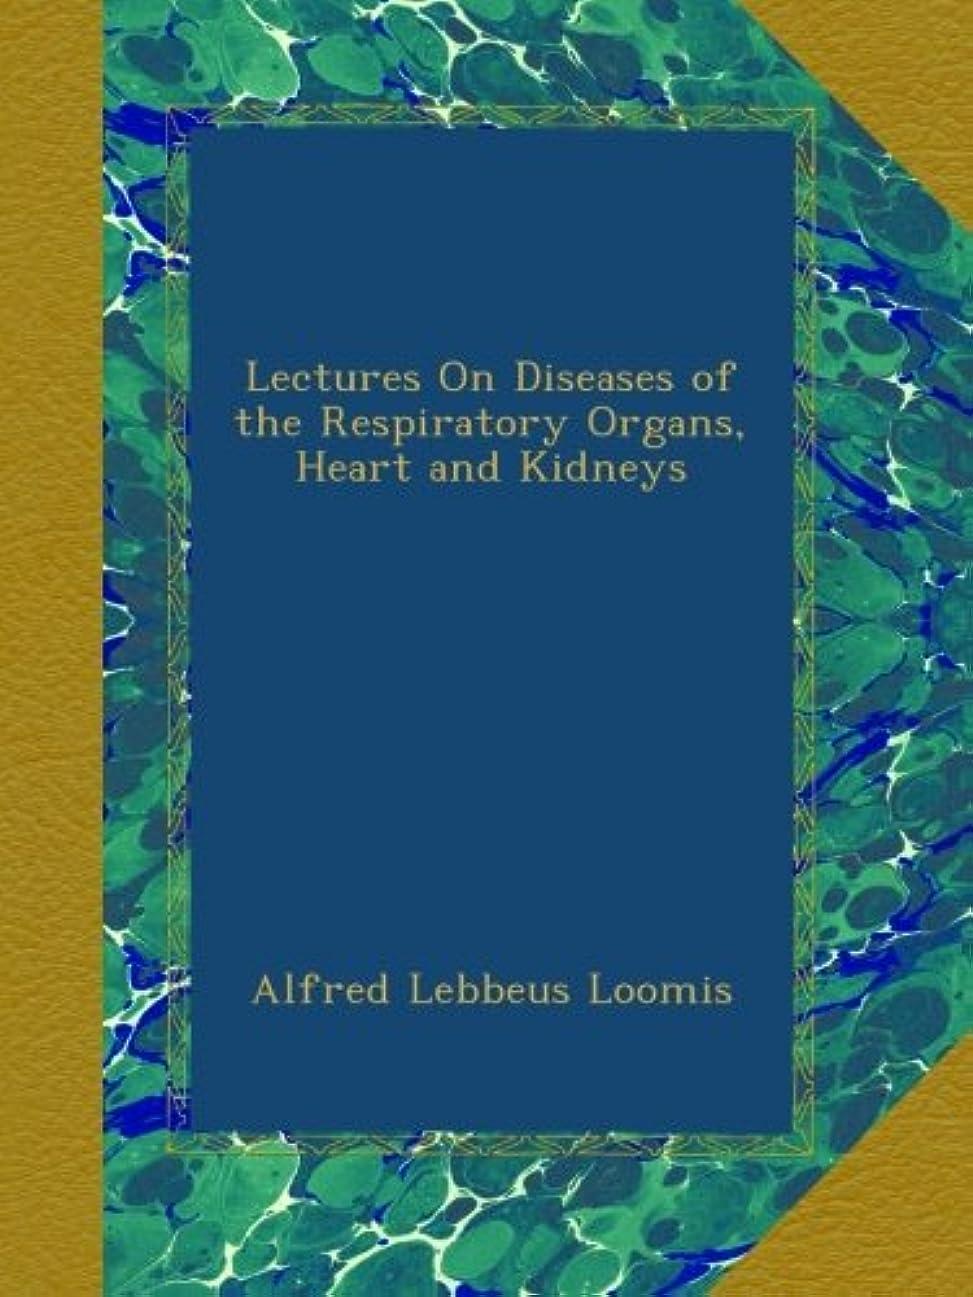 リテラシー不機嫌そうな事故Lectures On Diseases of the Respiratory Organs, Heart and Kidneys